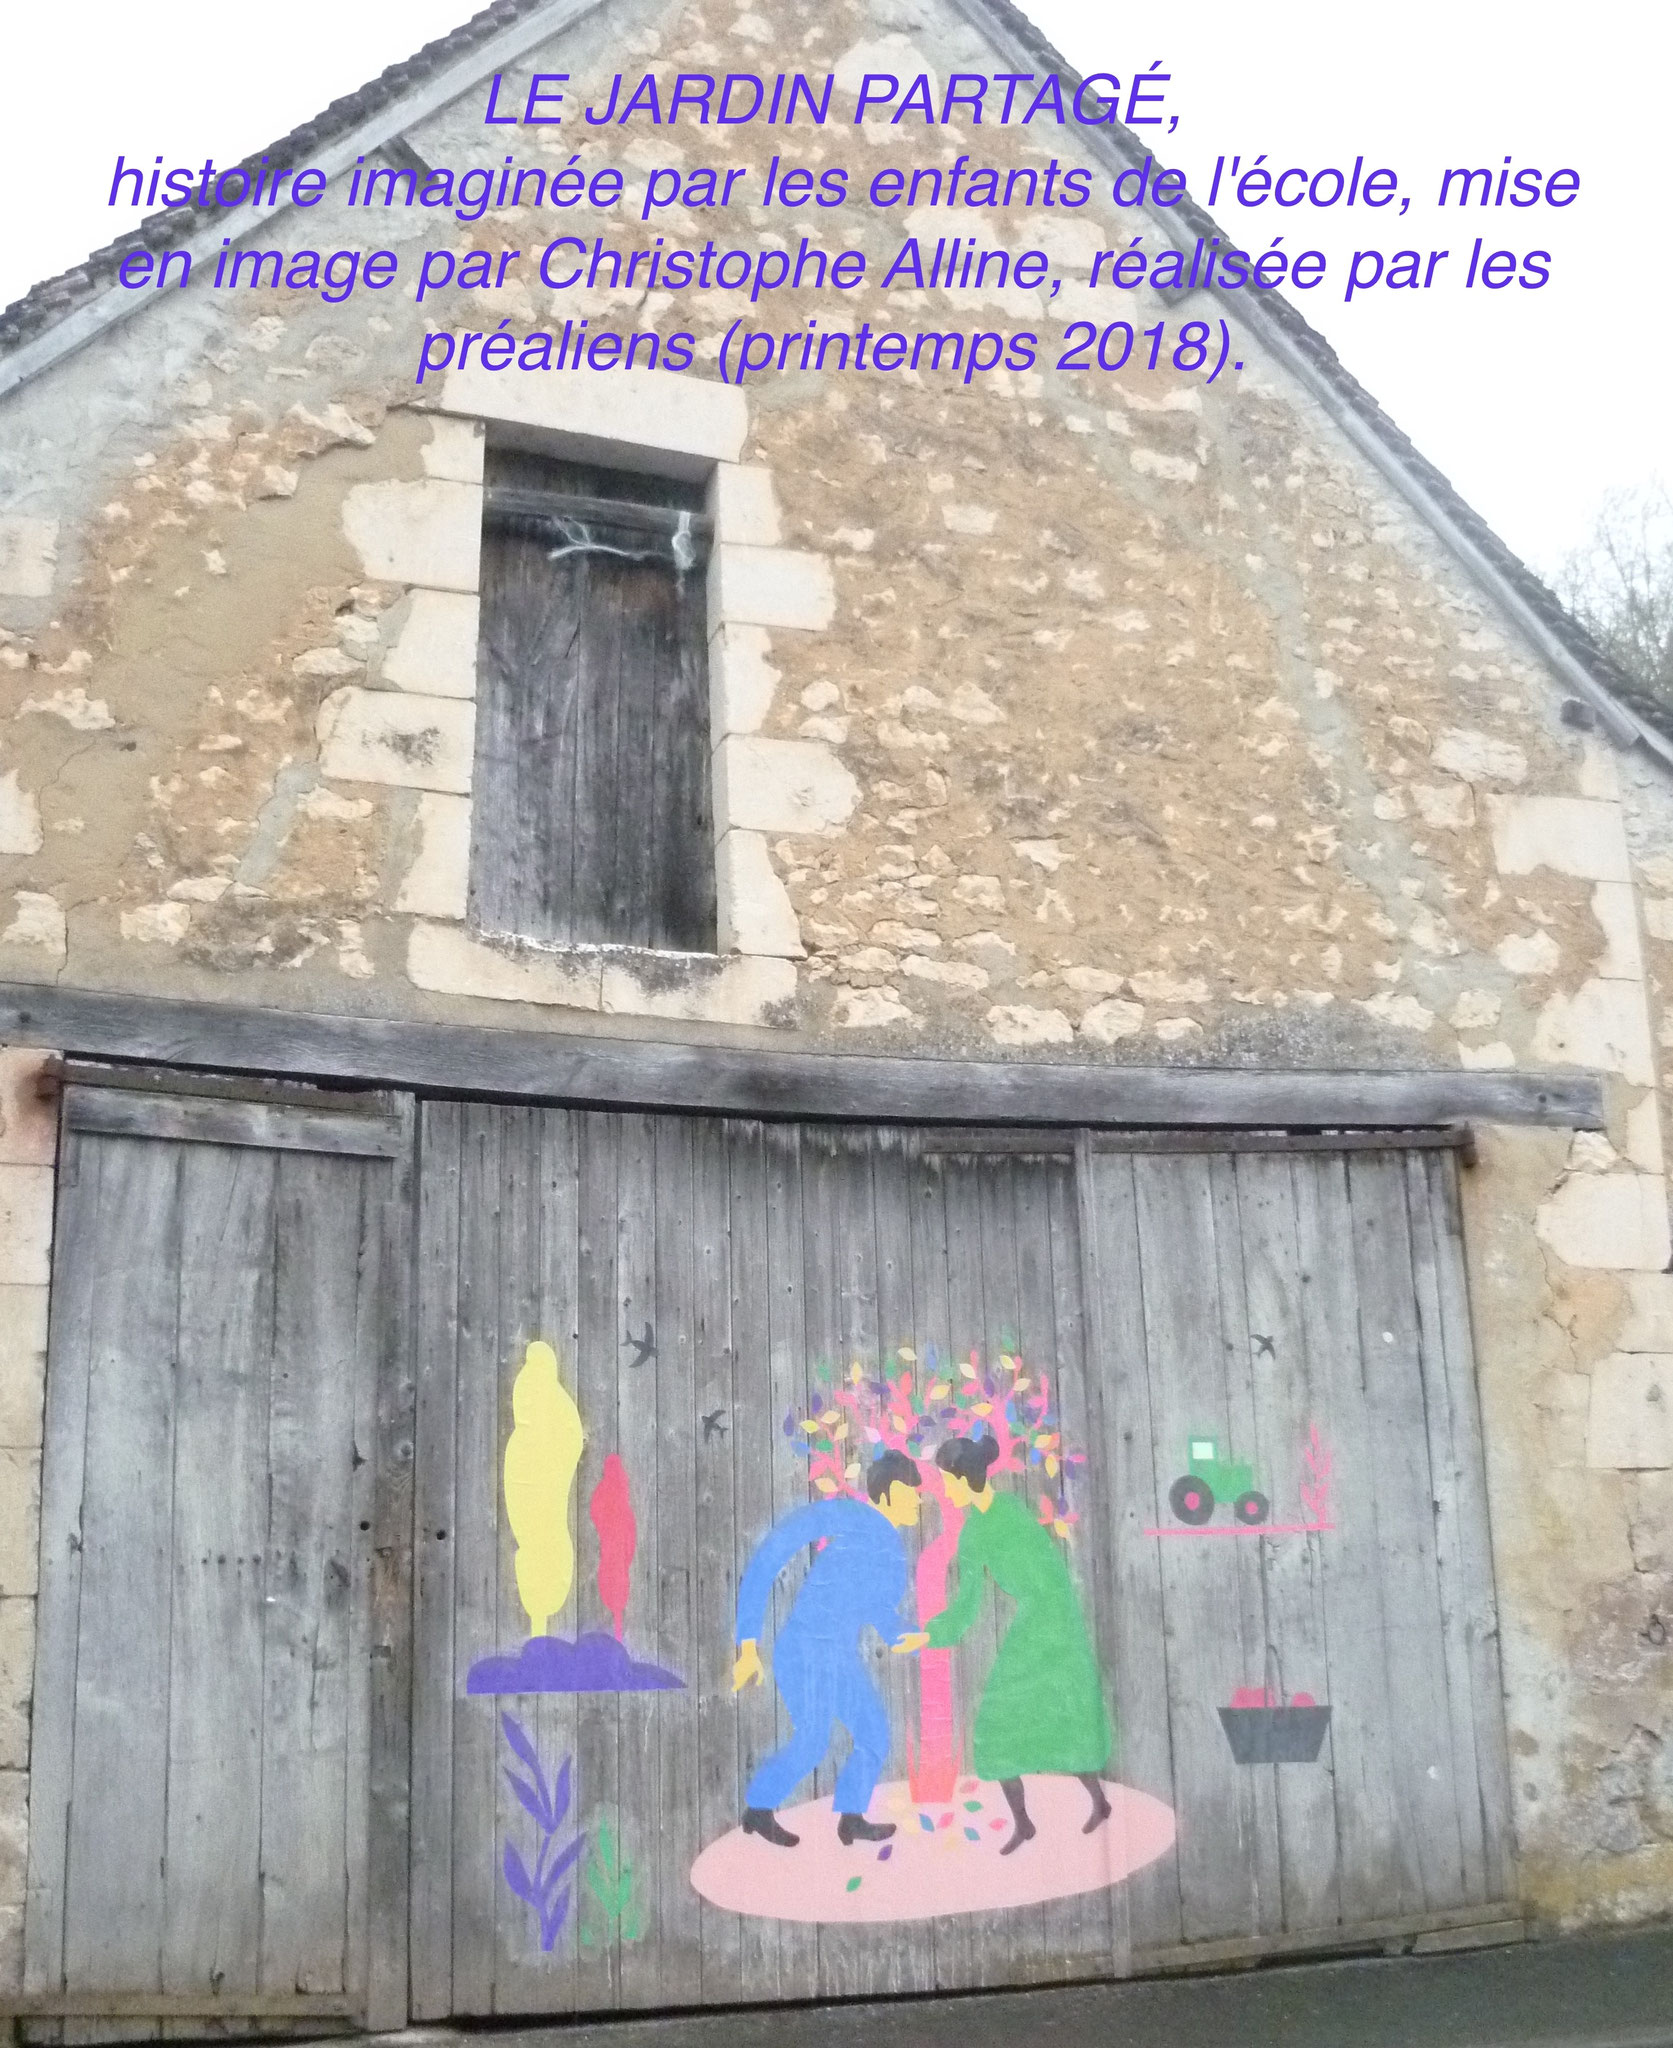 LE JARDIN PARTAGÉ, histoire imaginée par les enfants de l'école, mise en image par Christophe Alline, réalisée par les préaliens (printemps 2018).